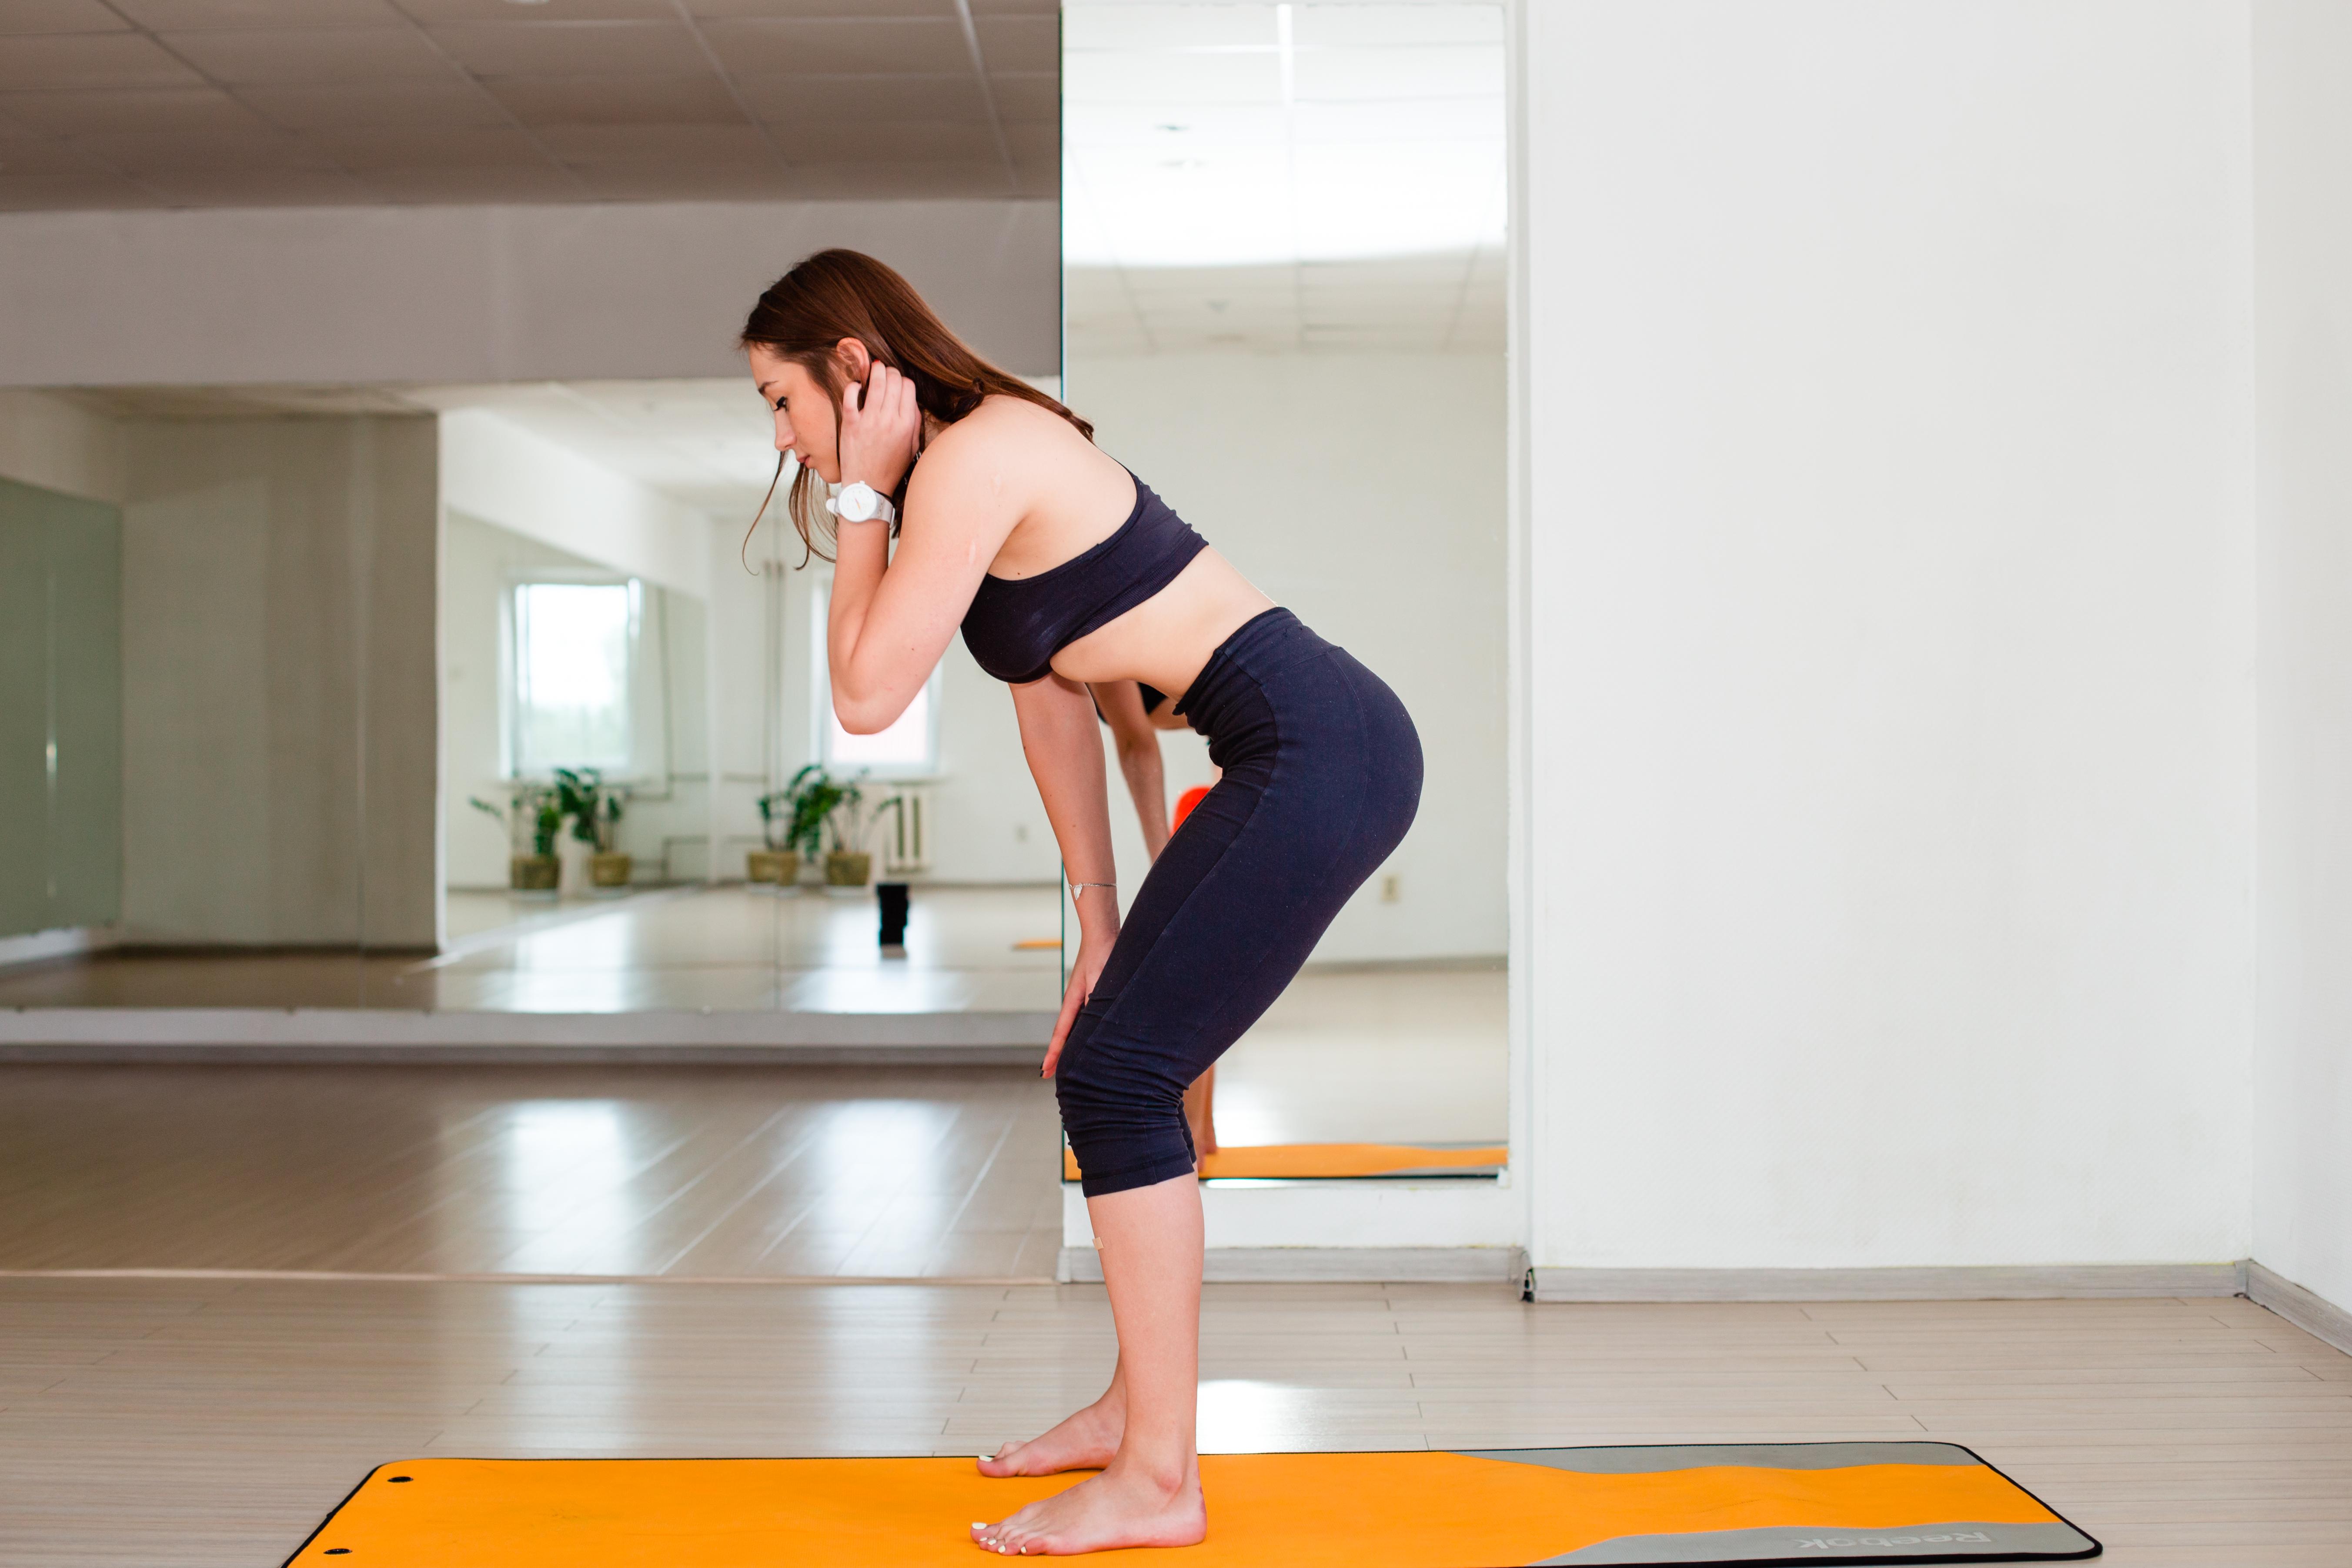 Упражнение вакуум для живота - техника выполнения в домашних условиях с фото и видео